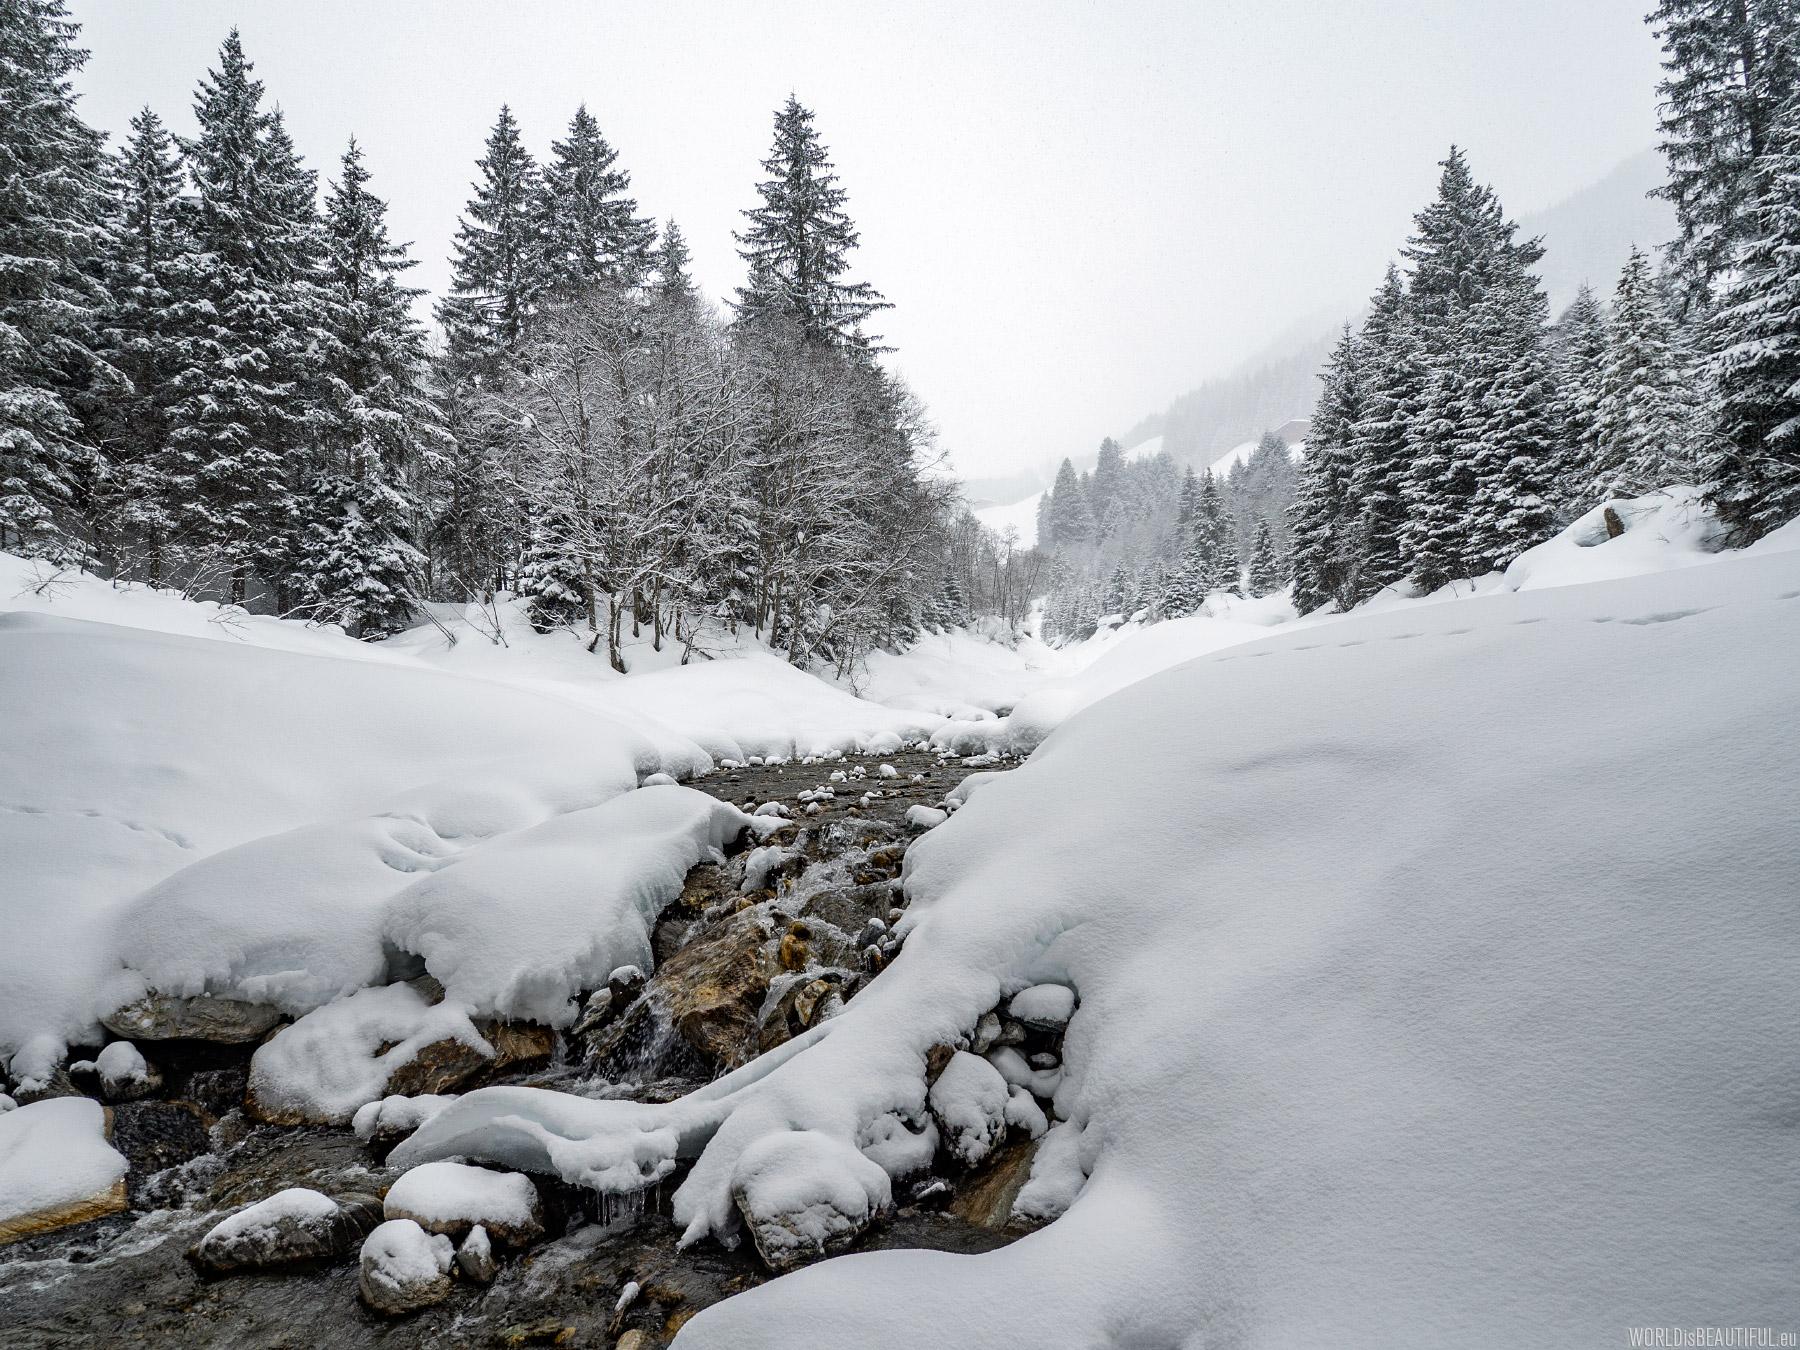 Alpine stream